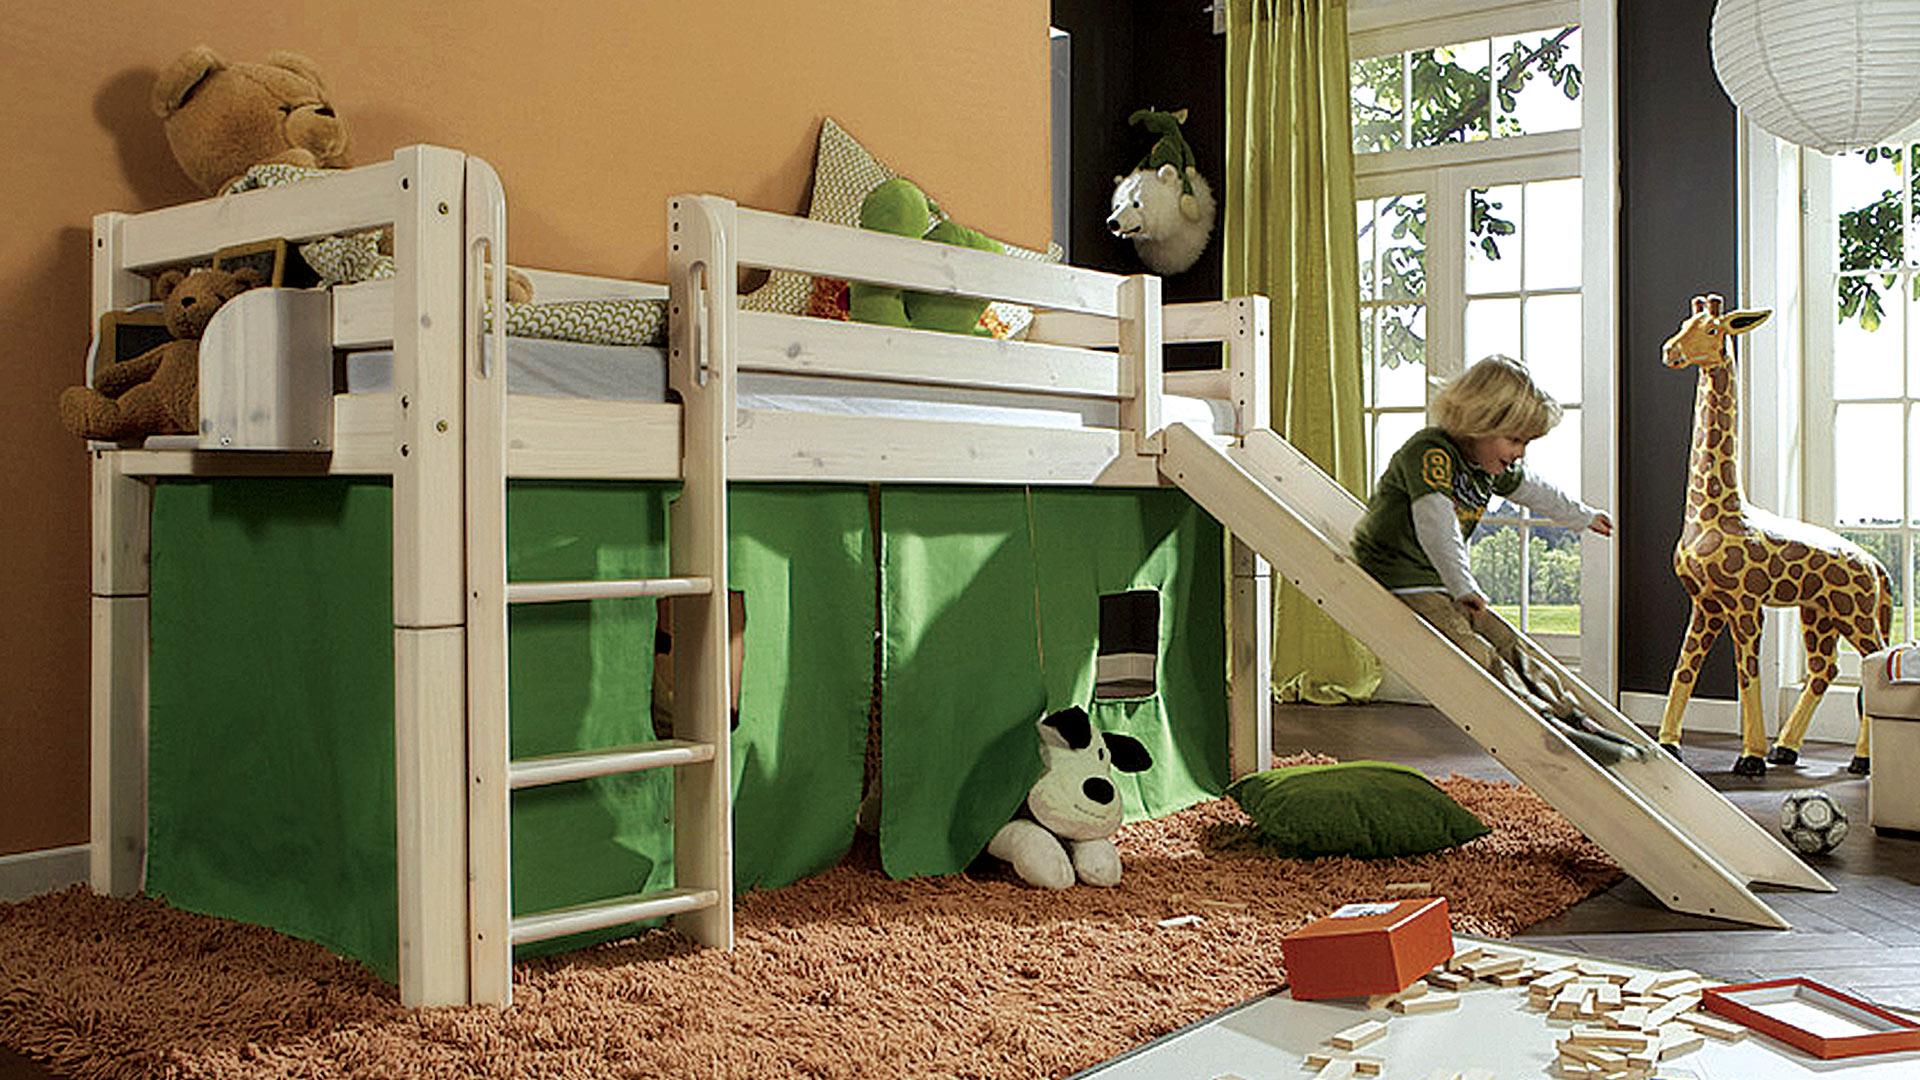 hochbett fr drei ich with hochbett fr drei good kinder mit drei personen mit bettkasten fr die. Black Bedroom Furniture Sets. Home Design Ideas